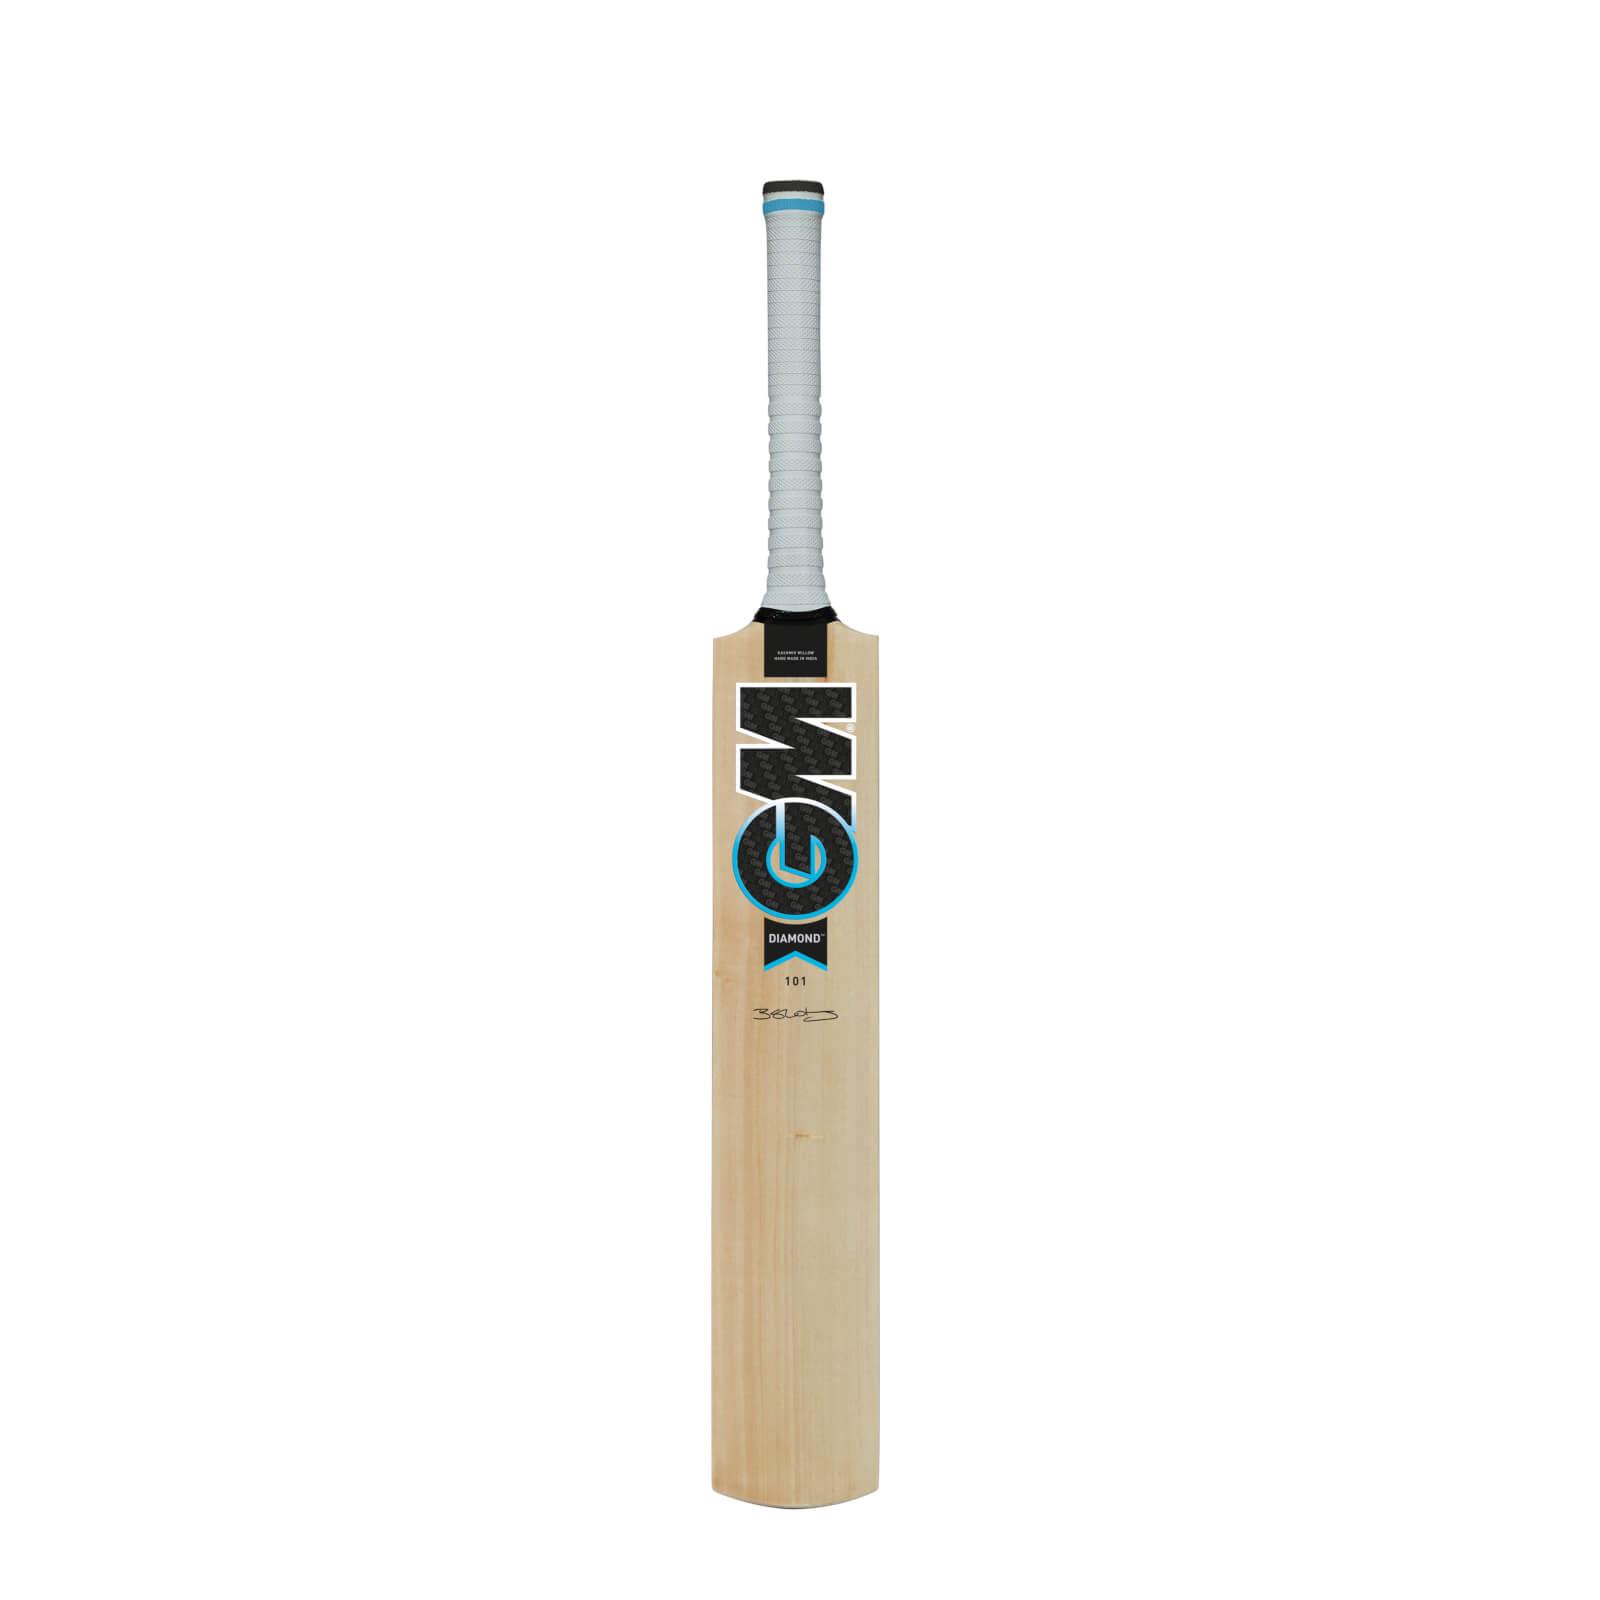 Ben Stokes Cricket Bat Gunn /& Moore Diamond 101 Kashmire Willow